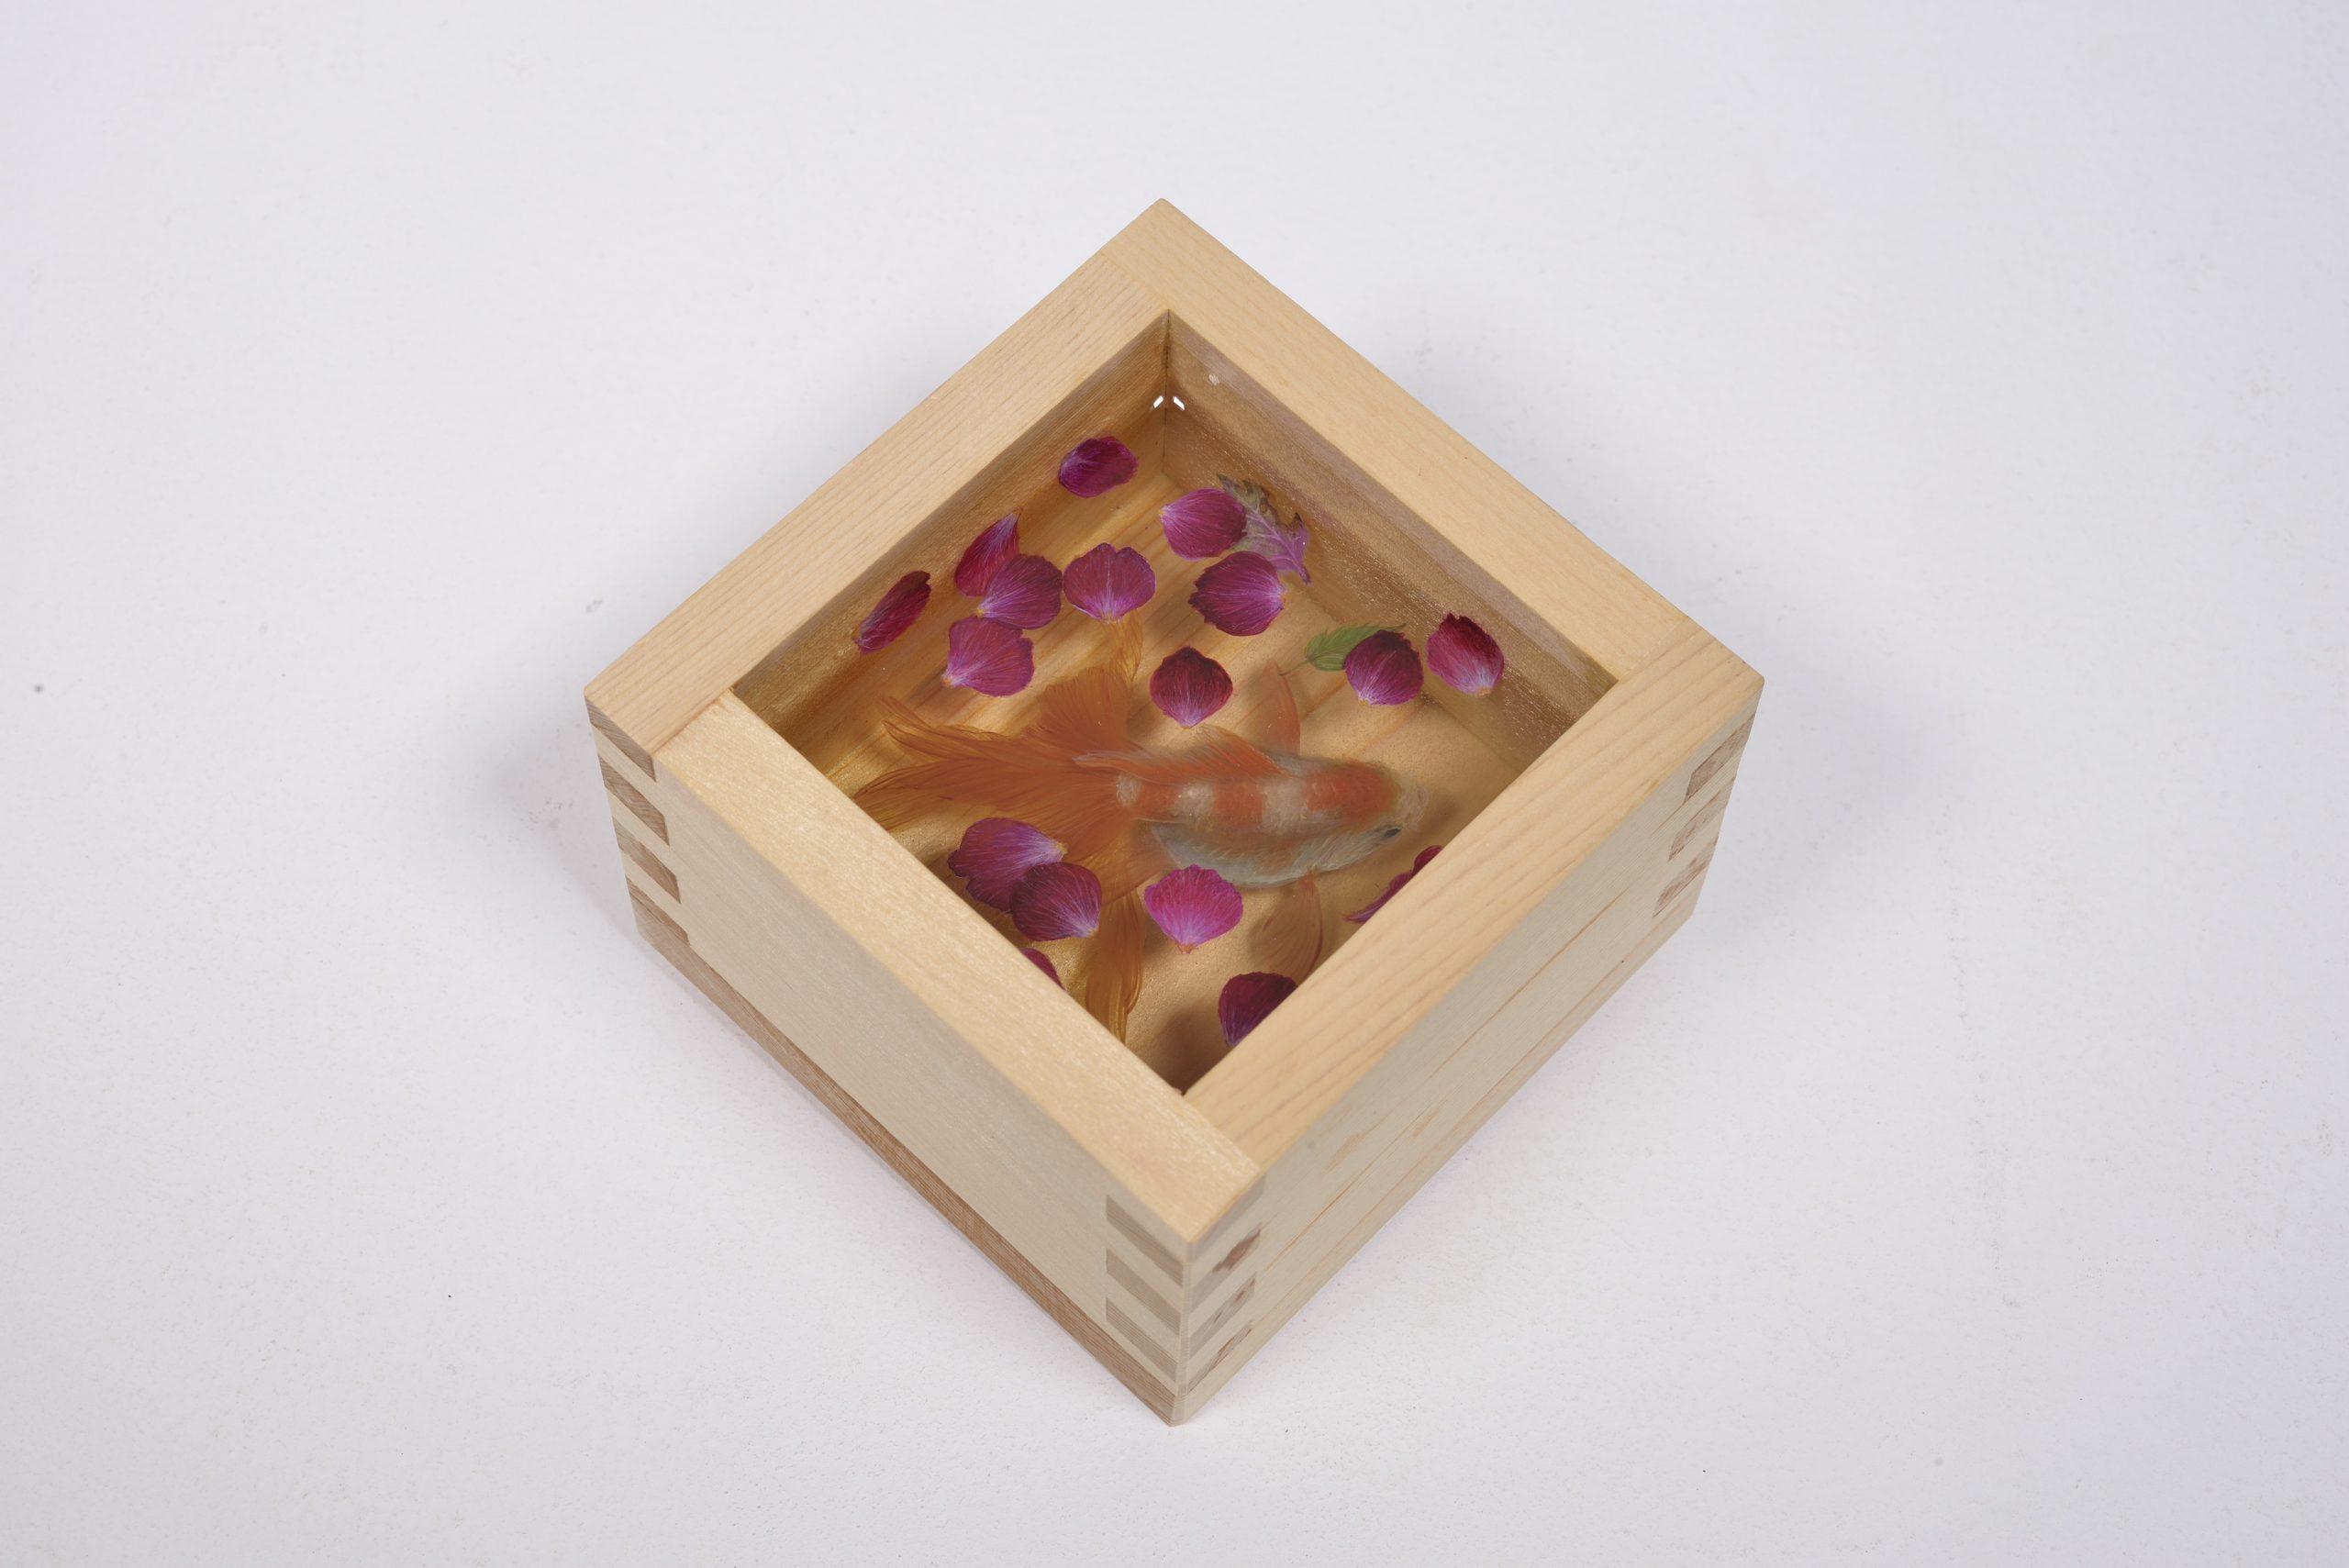 金沢日和 - 「金魚美抄(きんぎょびしょう)2020」 19名のアーティストが生み出す様々な金魚が一堂に